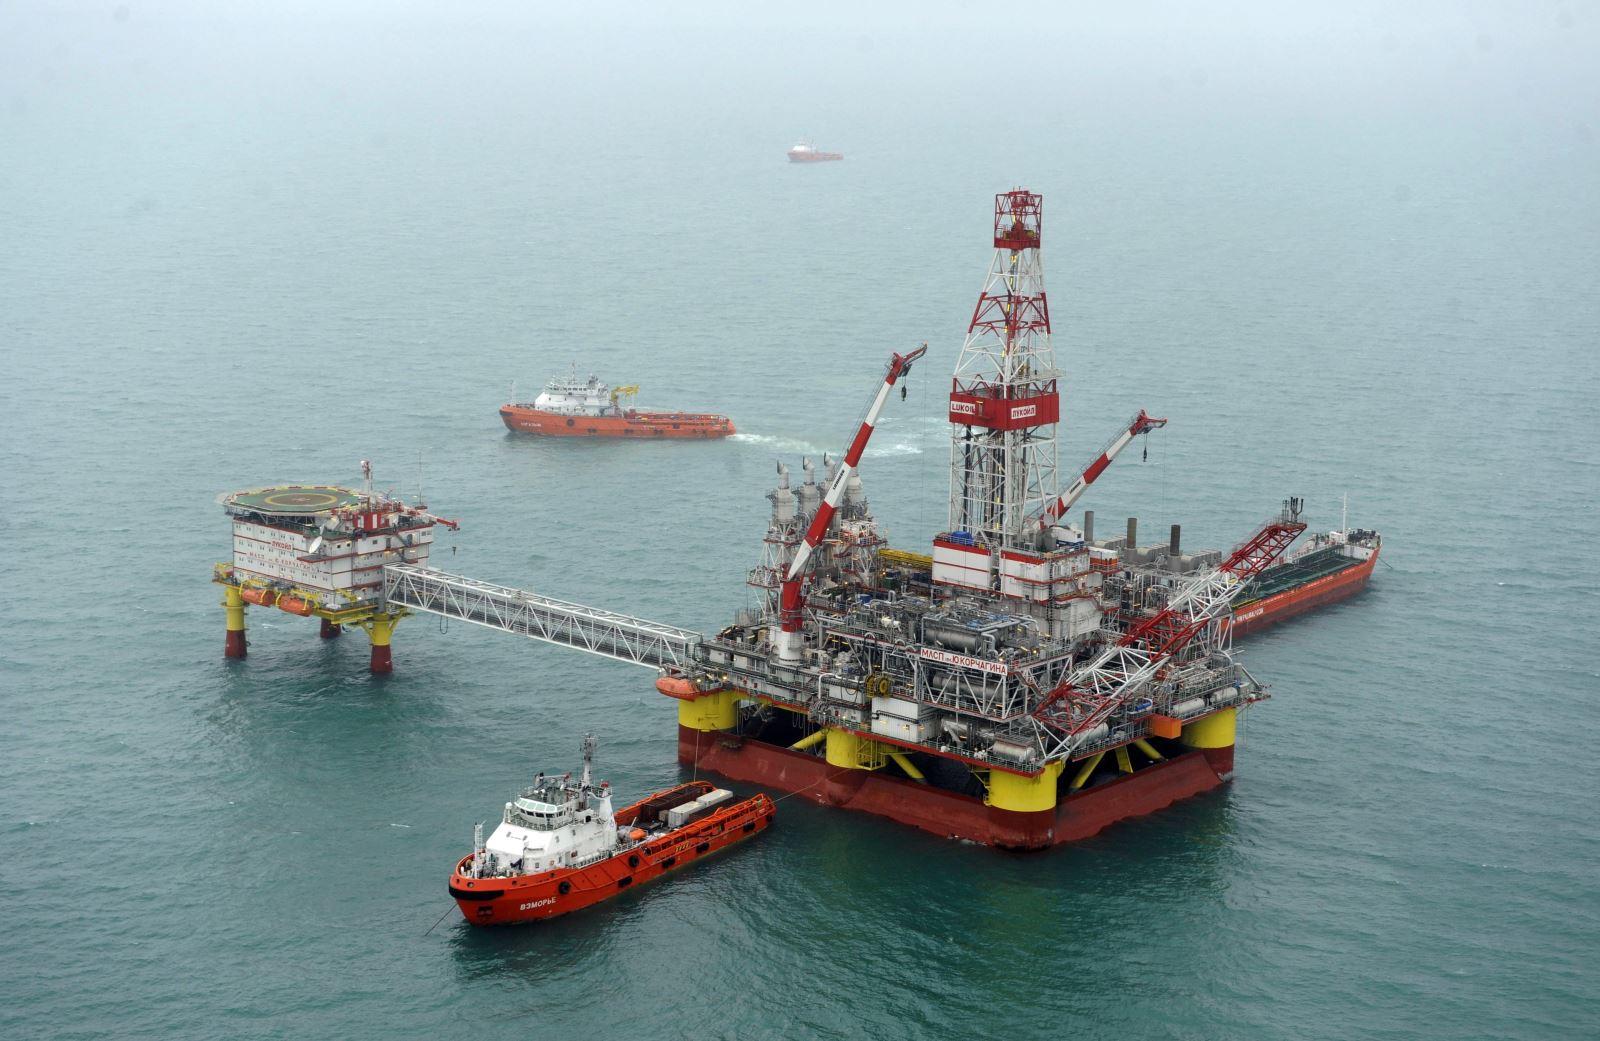 Tại sao dầu thô WTI có mức giá -37,63 USD/thùng? - Hình 1